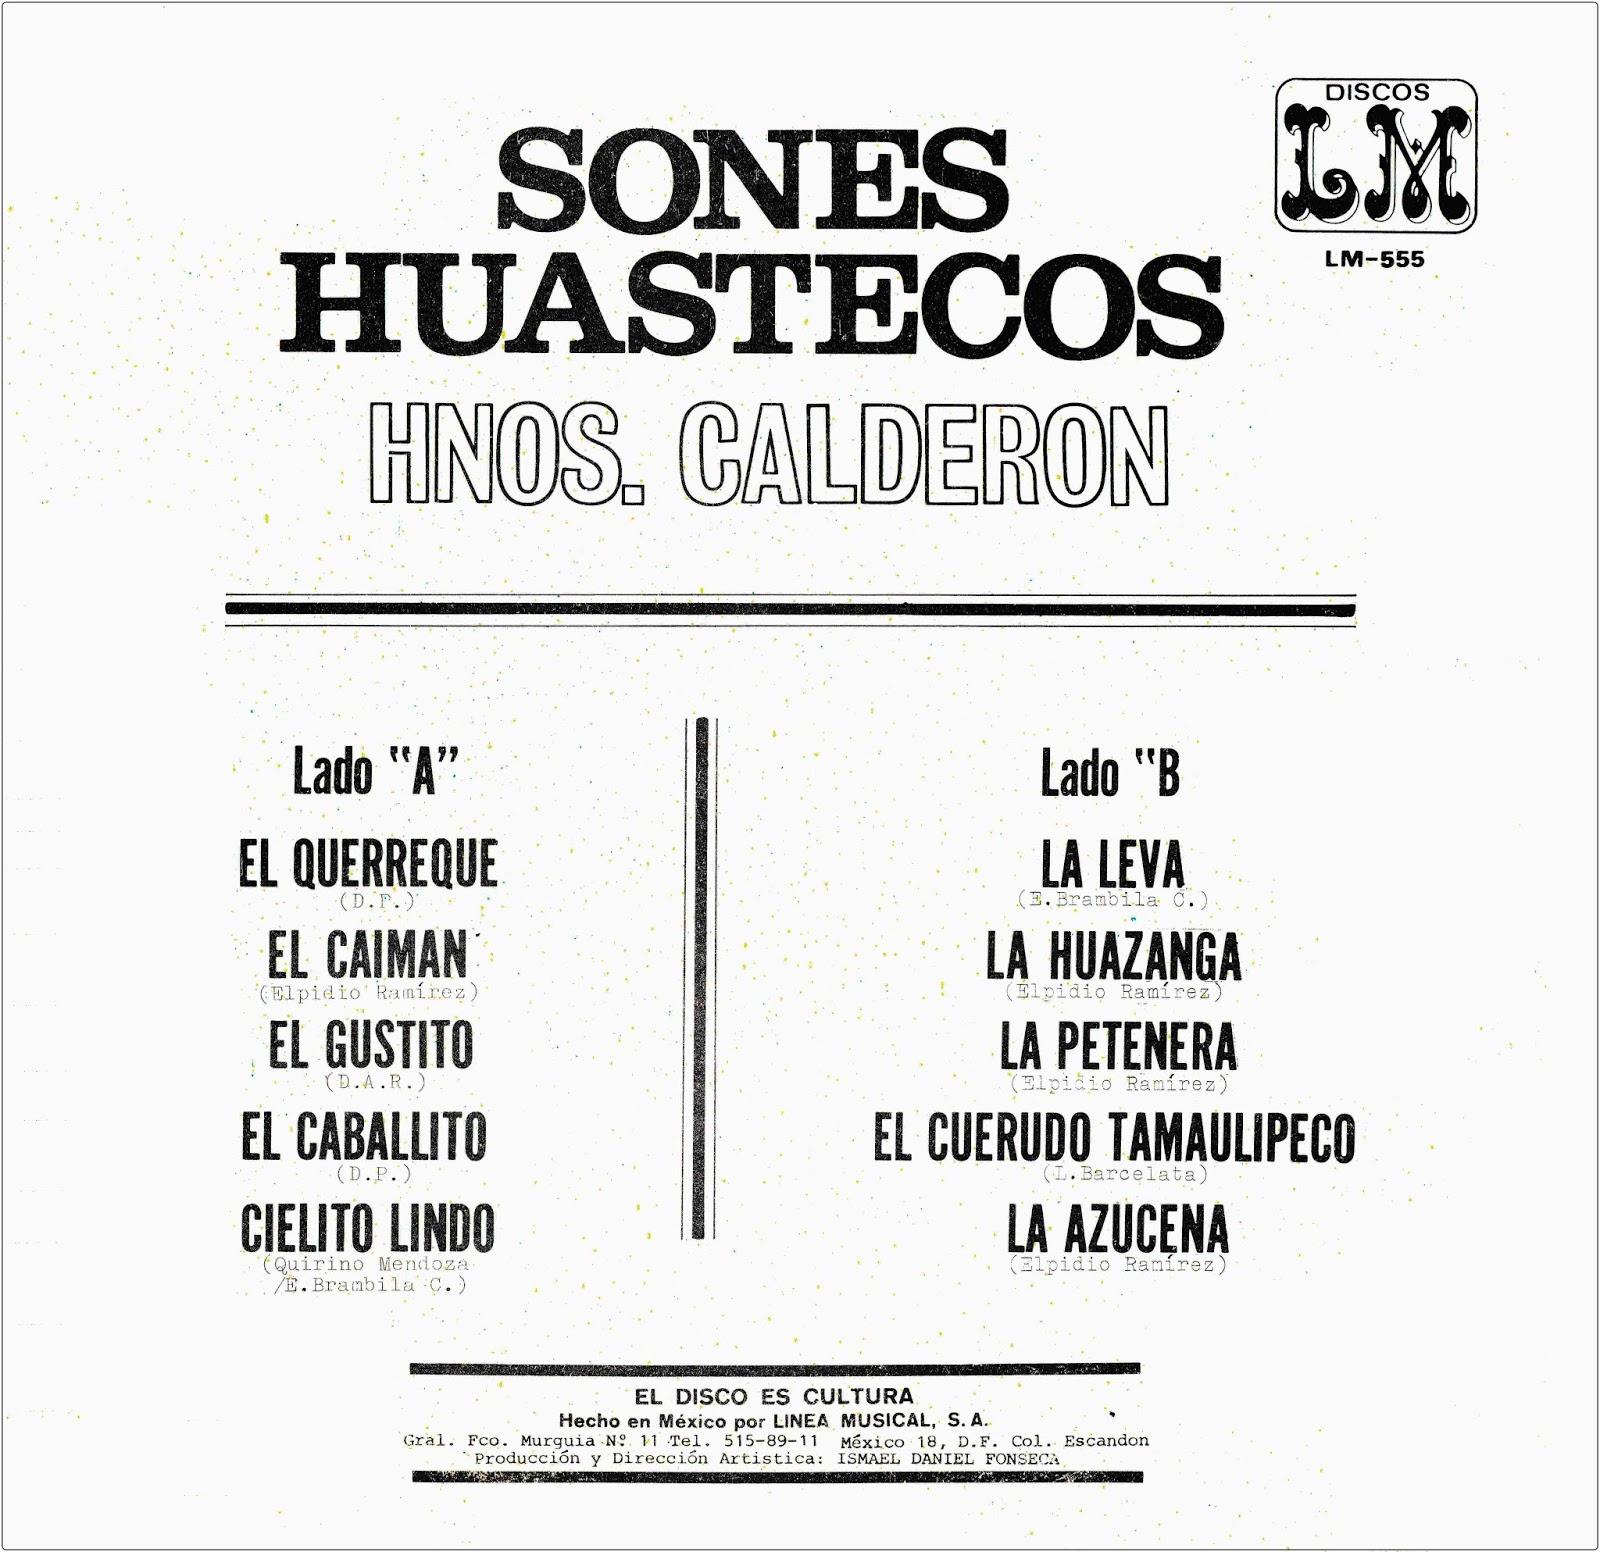 Fonoteca de la danza folclórica de México: SONES HUASTECOS